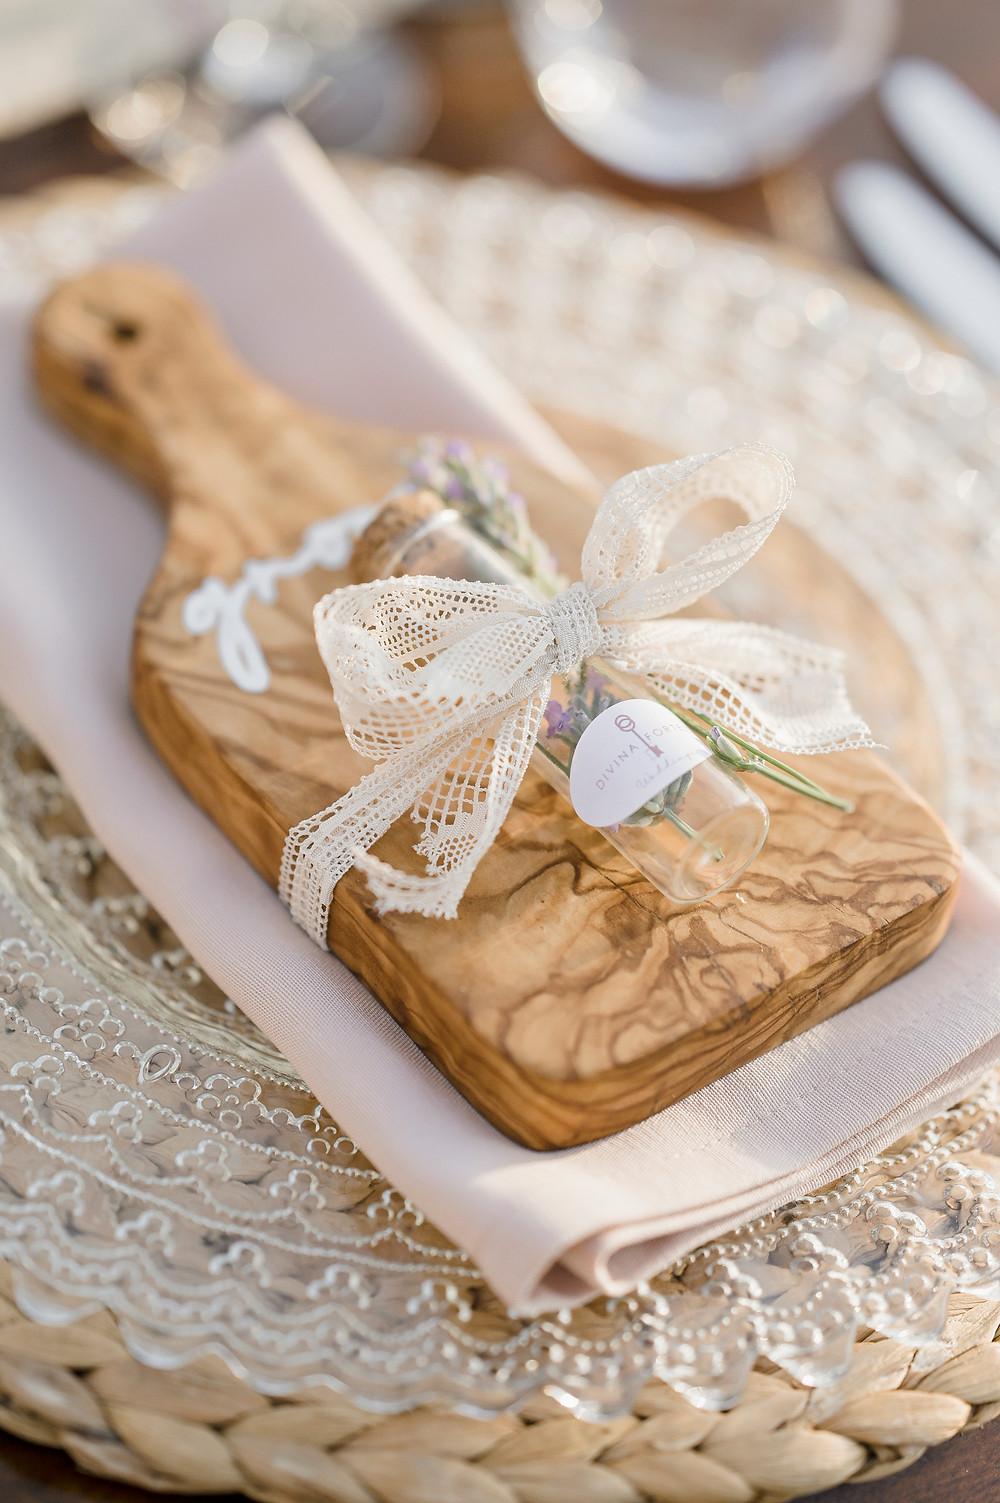 Segnaposto scritto a mano su tagliere in legno - wedding signs